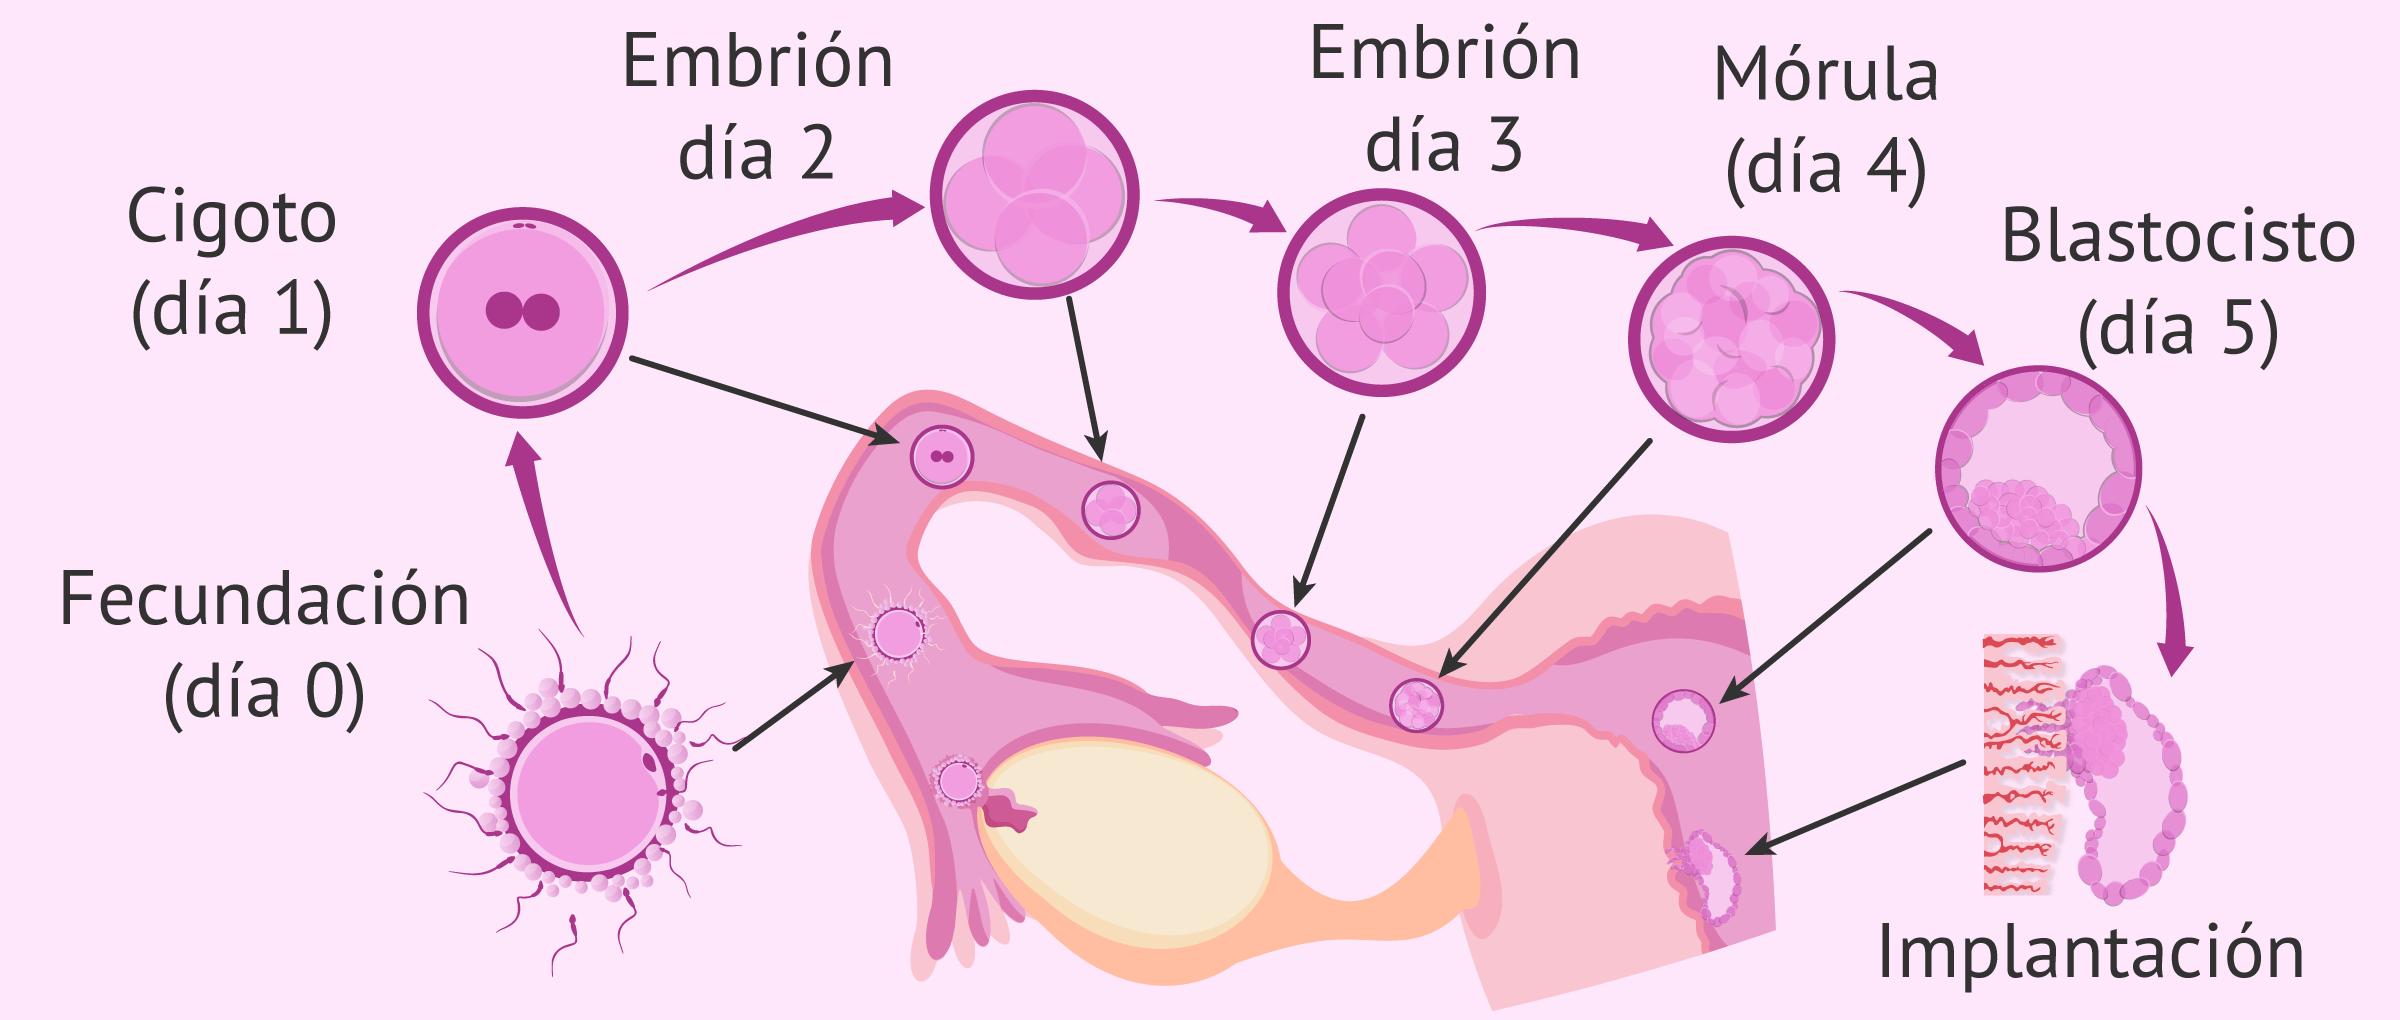 Tercera semana de embarazo: fecundación y desarrollo embrionario